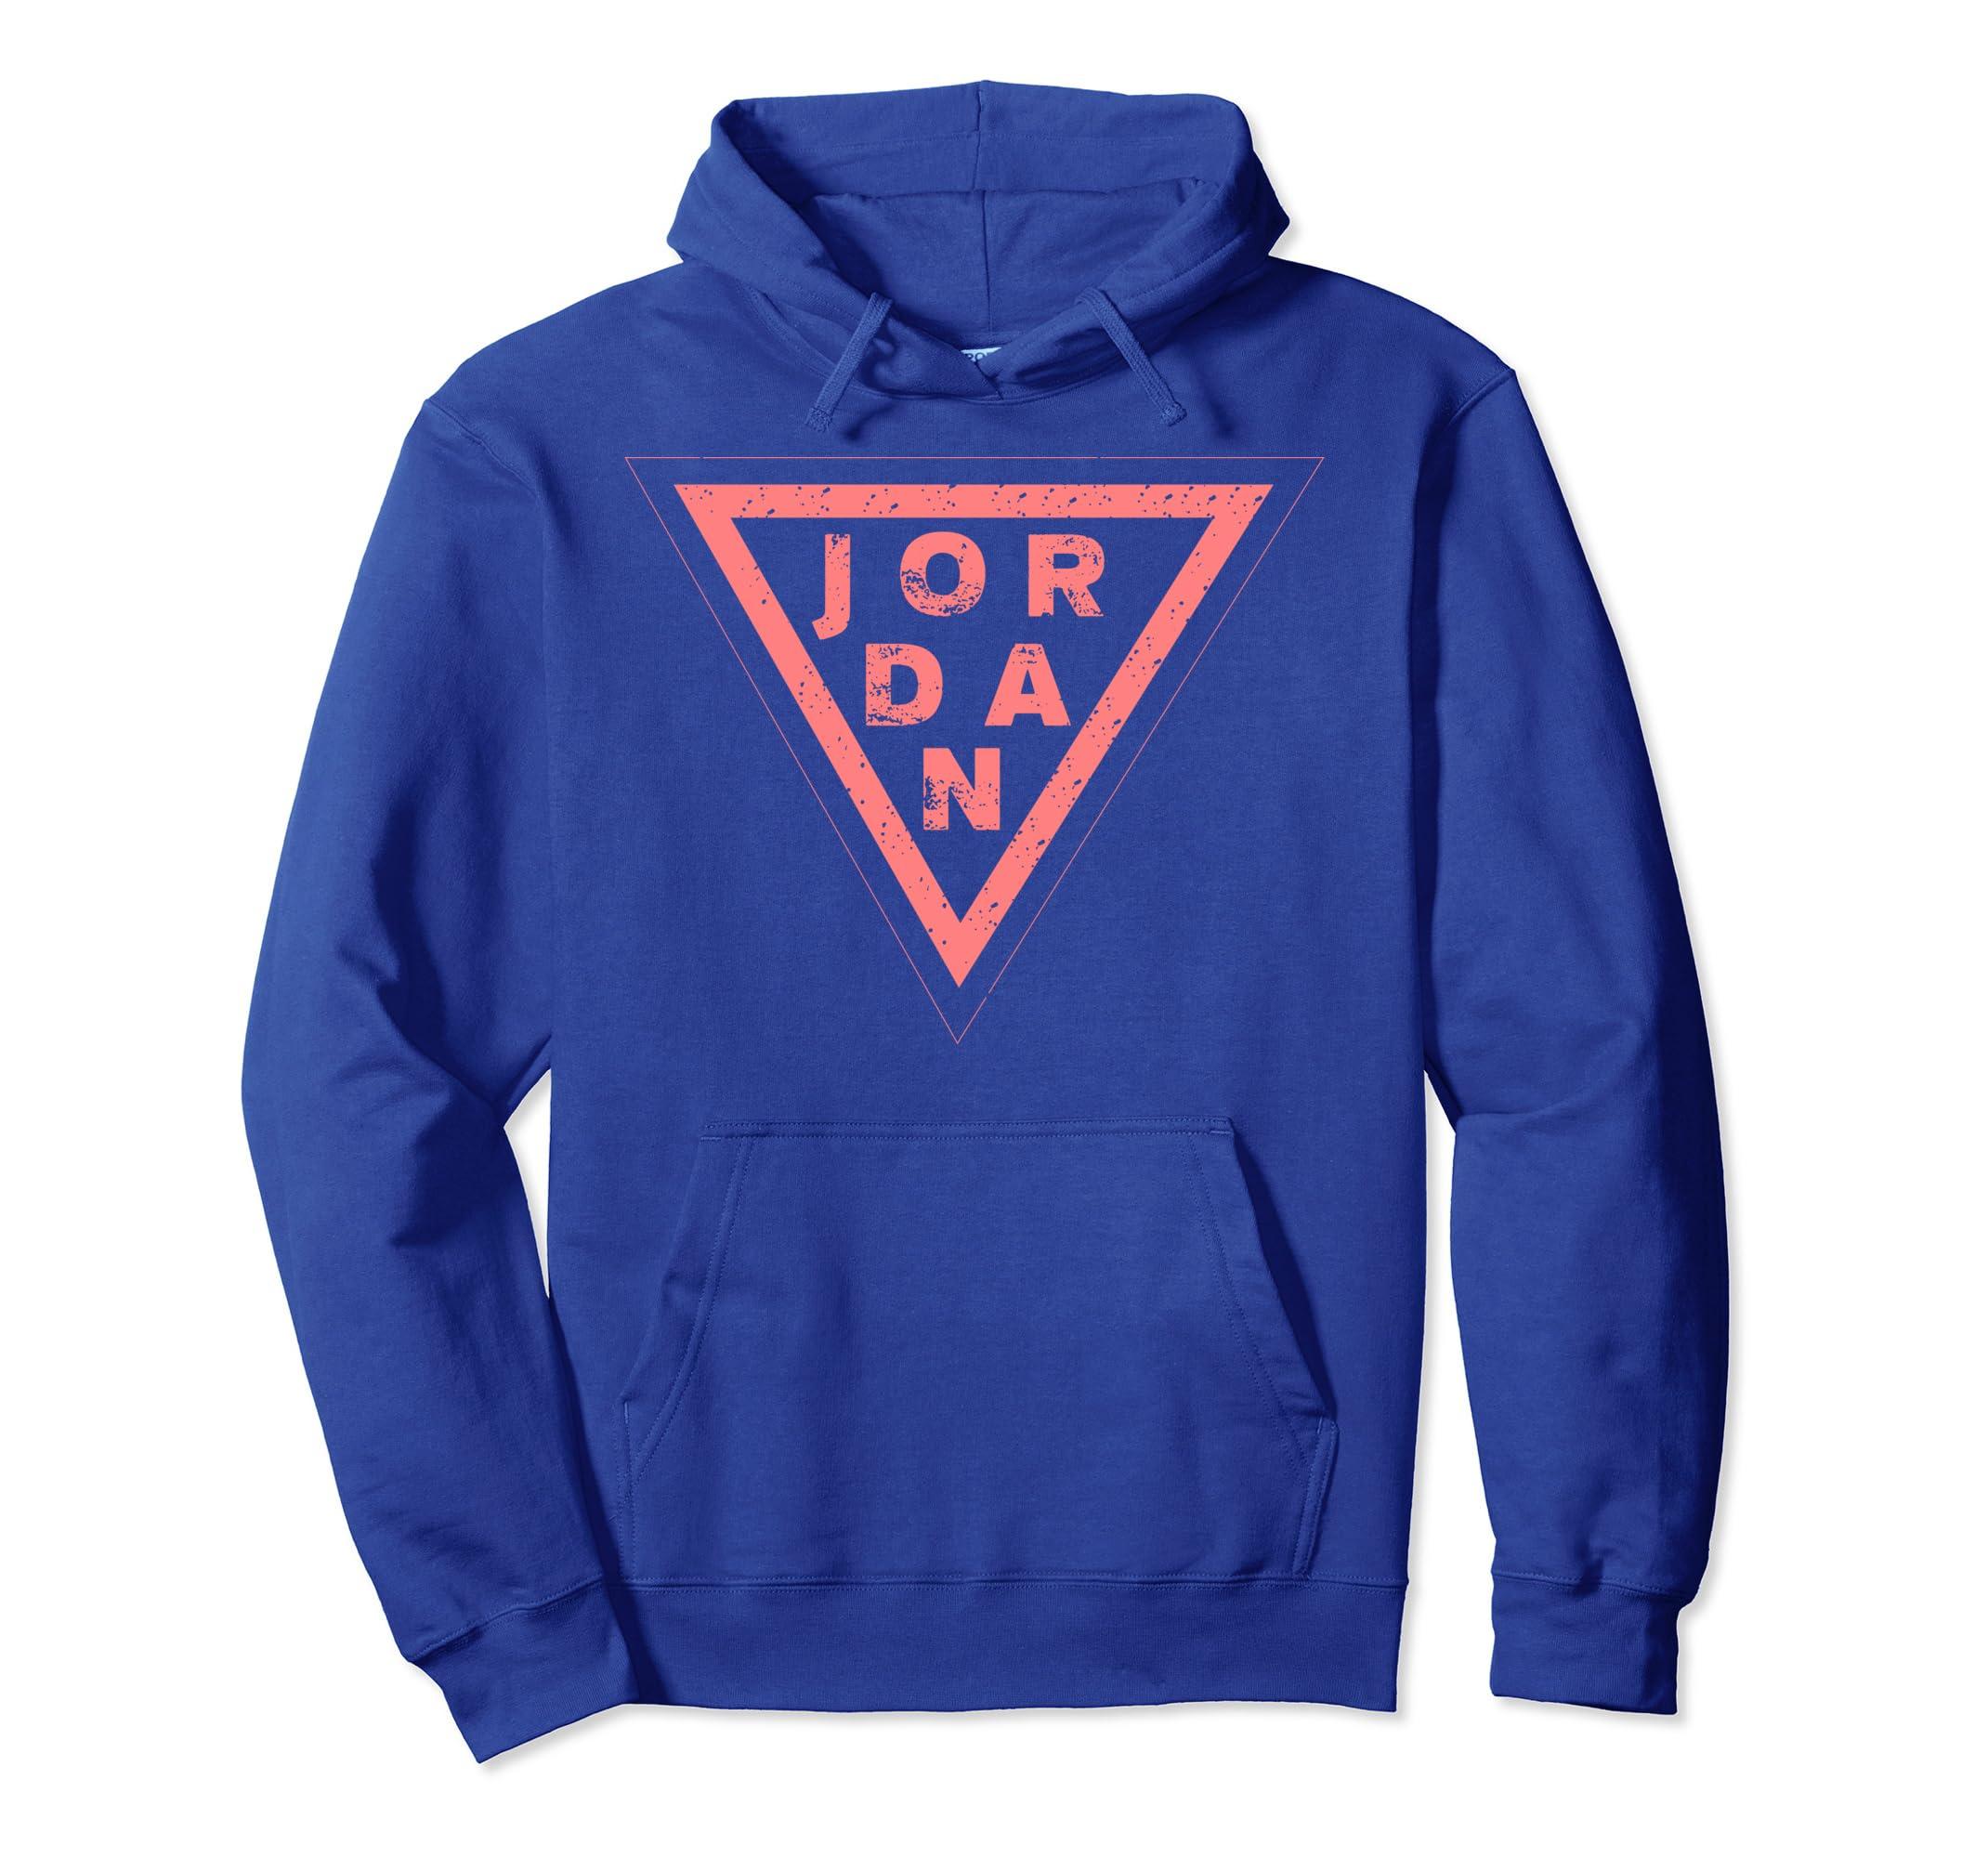 8cd2825886cd3b Amazon.com  Simple Vintage Style Jordan Hoodie Gift  Clothing